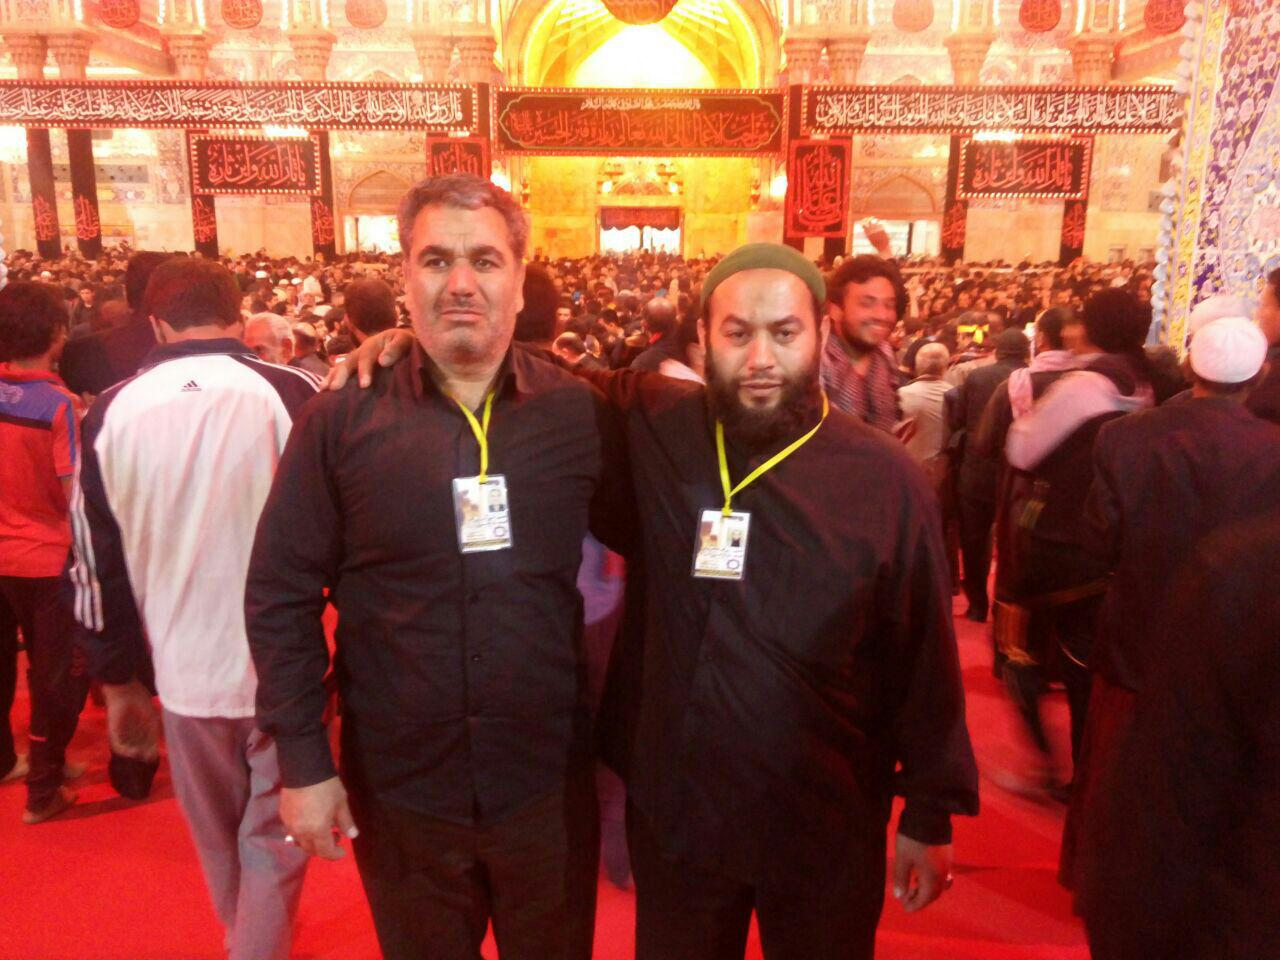 توصیه حضرت آیت الله بهجت (ره)  در رابطه با توسل به امامزاده سیدجلال الدین اشرف رفسنجان